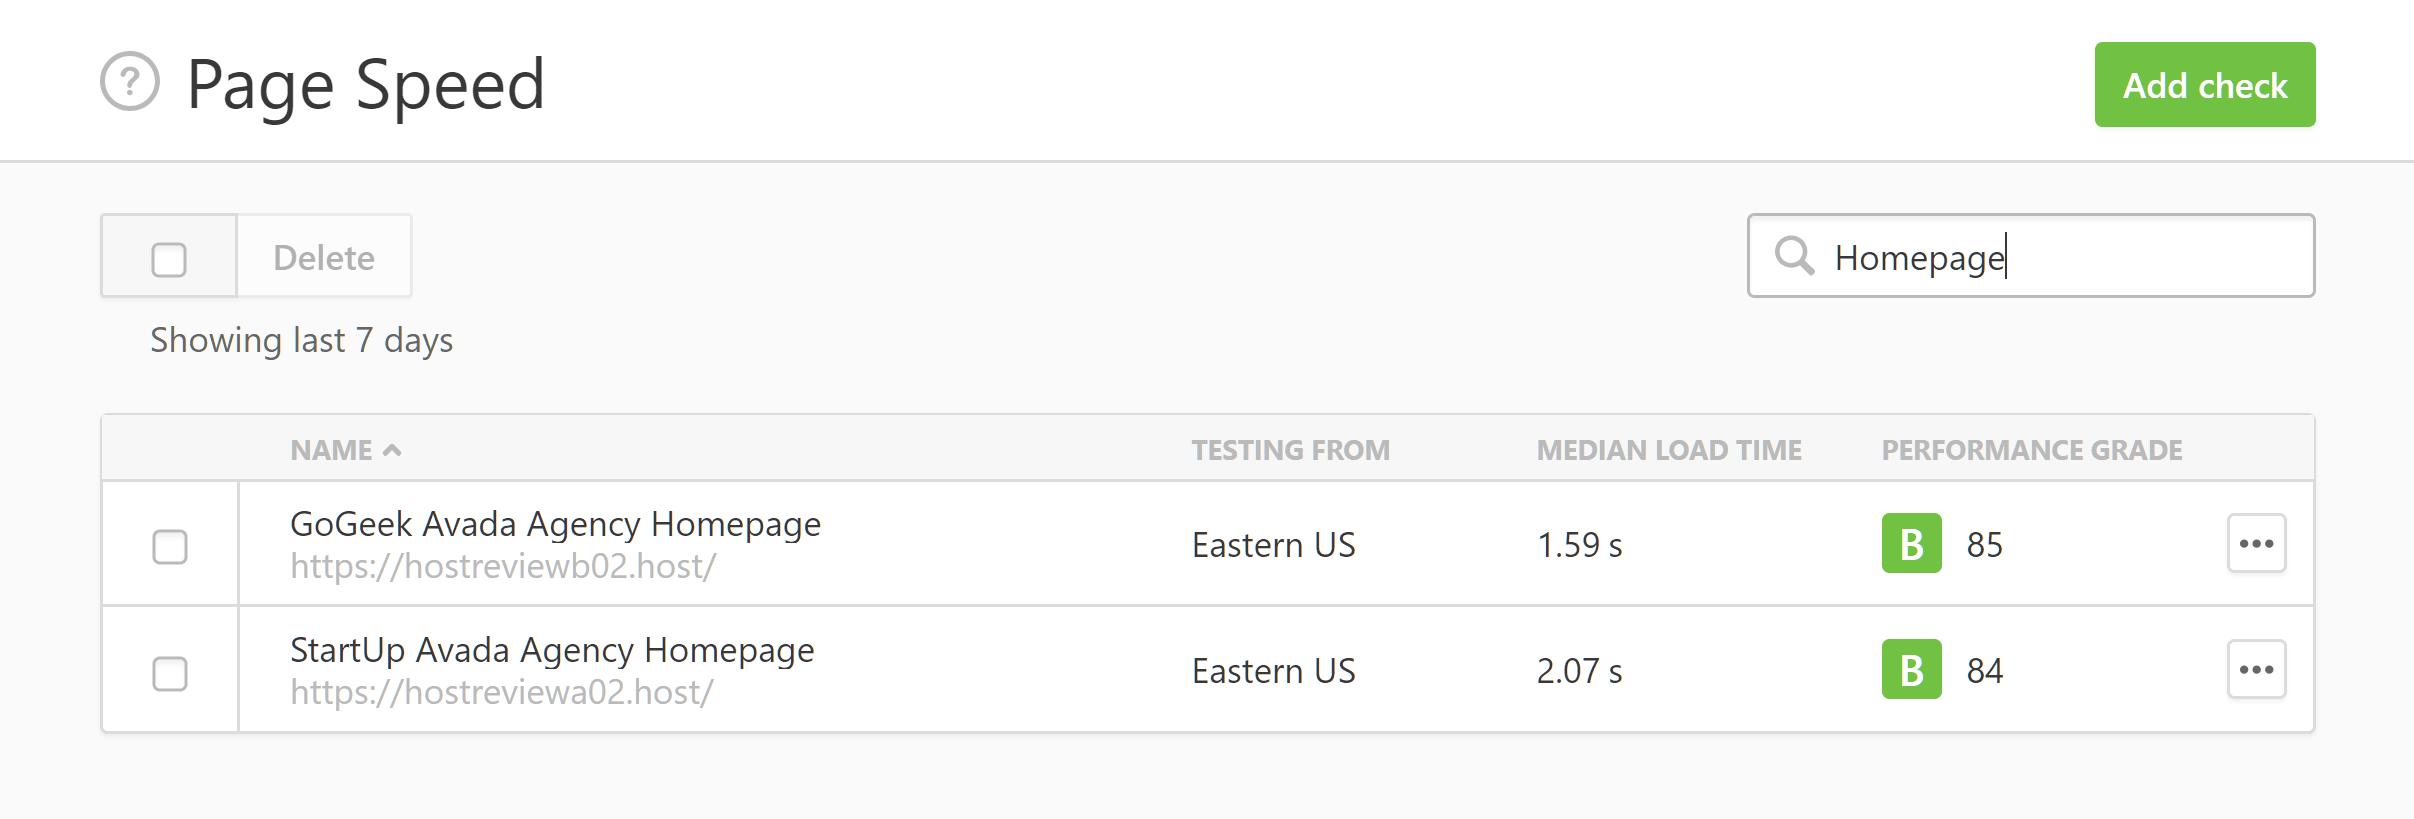 Avada Homepage Pingdom Results